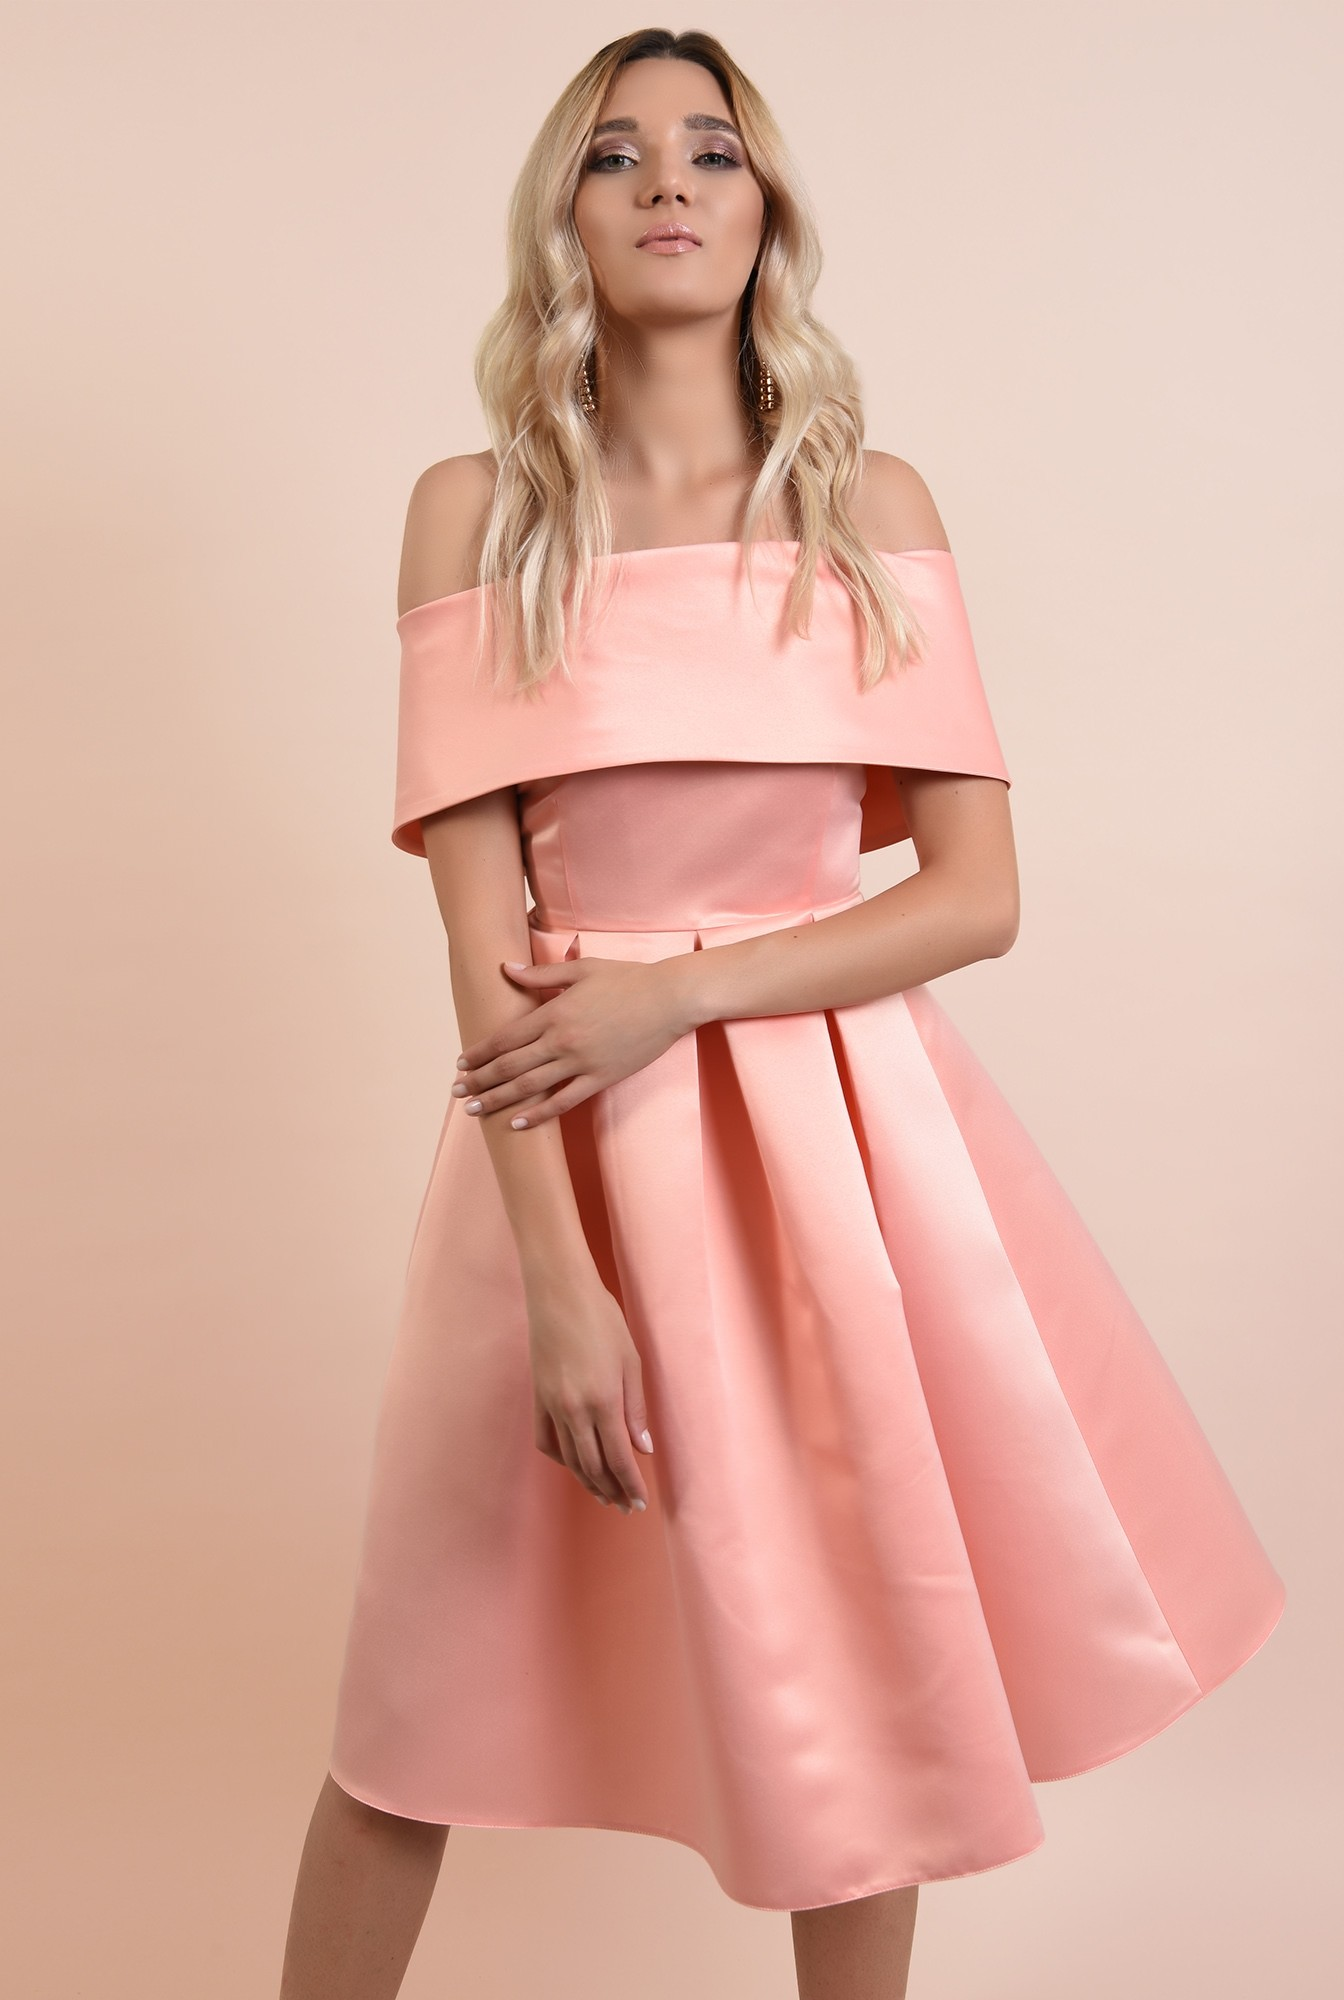 0 - 360 - rochie de ocazie, roz somon, midi, cu pliuri panou, Poema, umeri goi